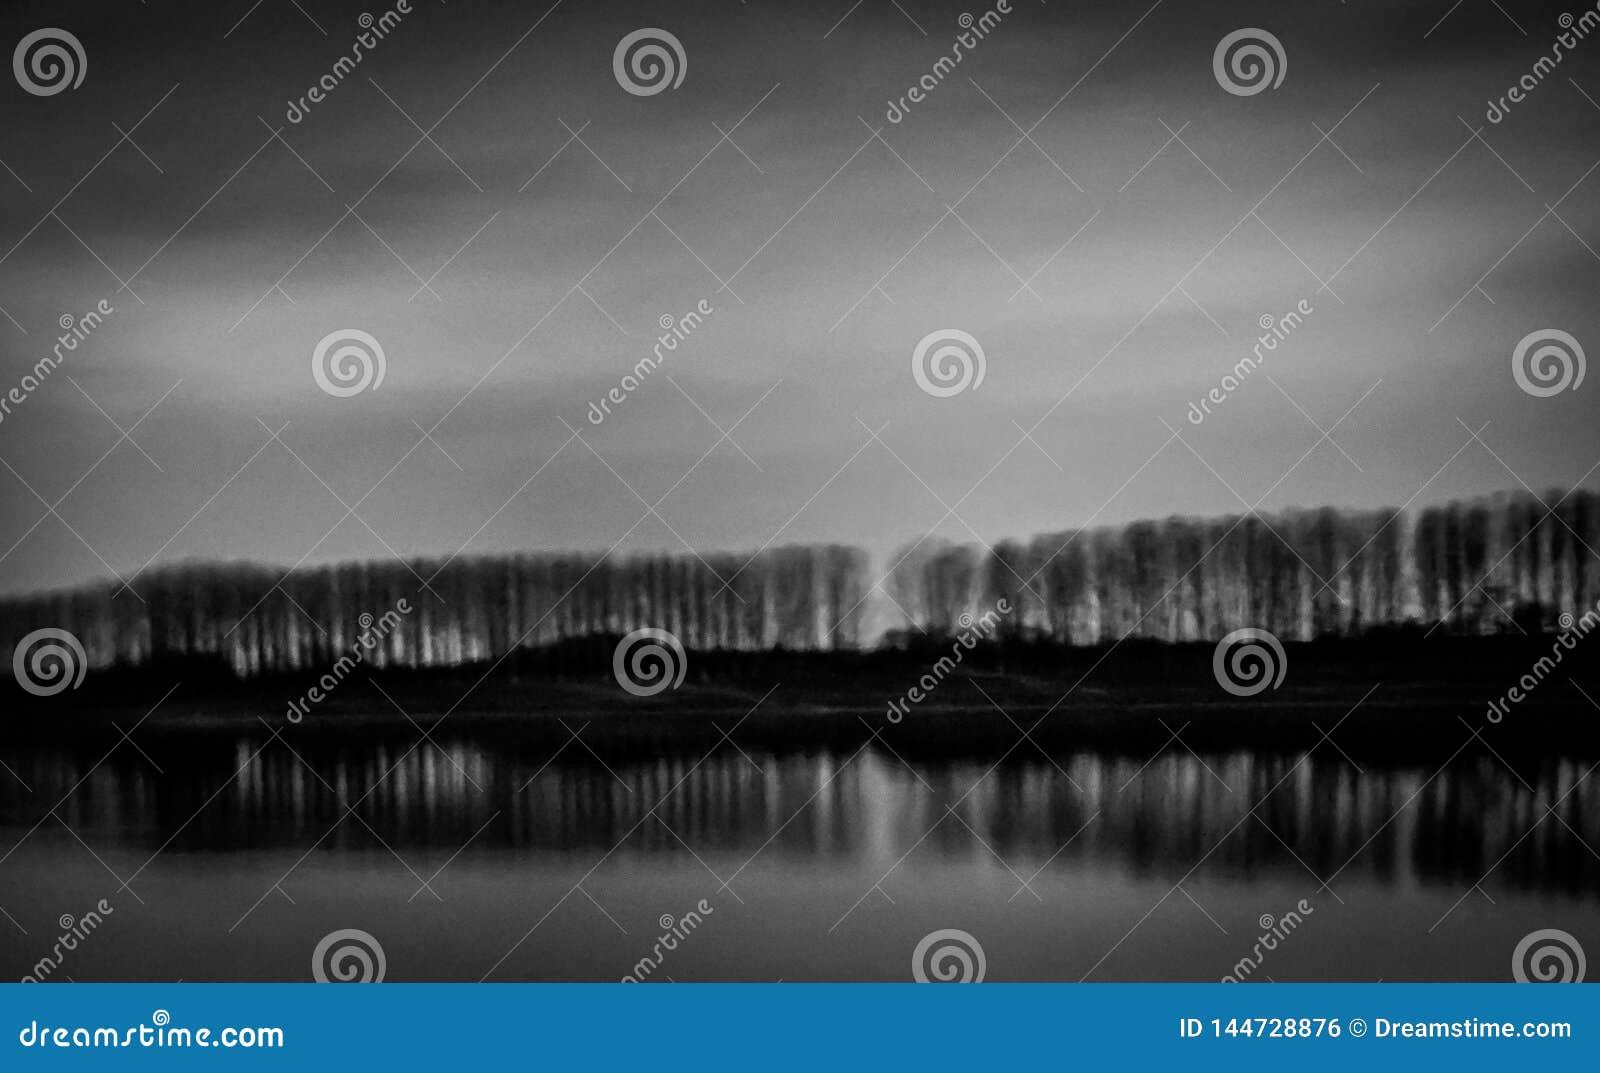 卡赞勒克,保加利亚,Koprinka水坝,夜摄影